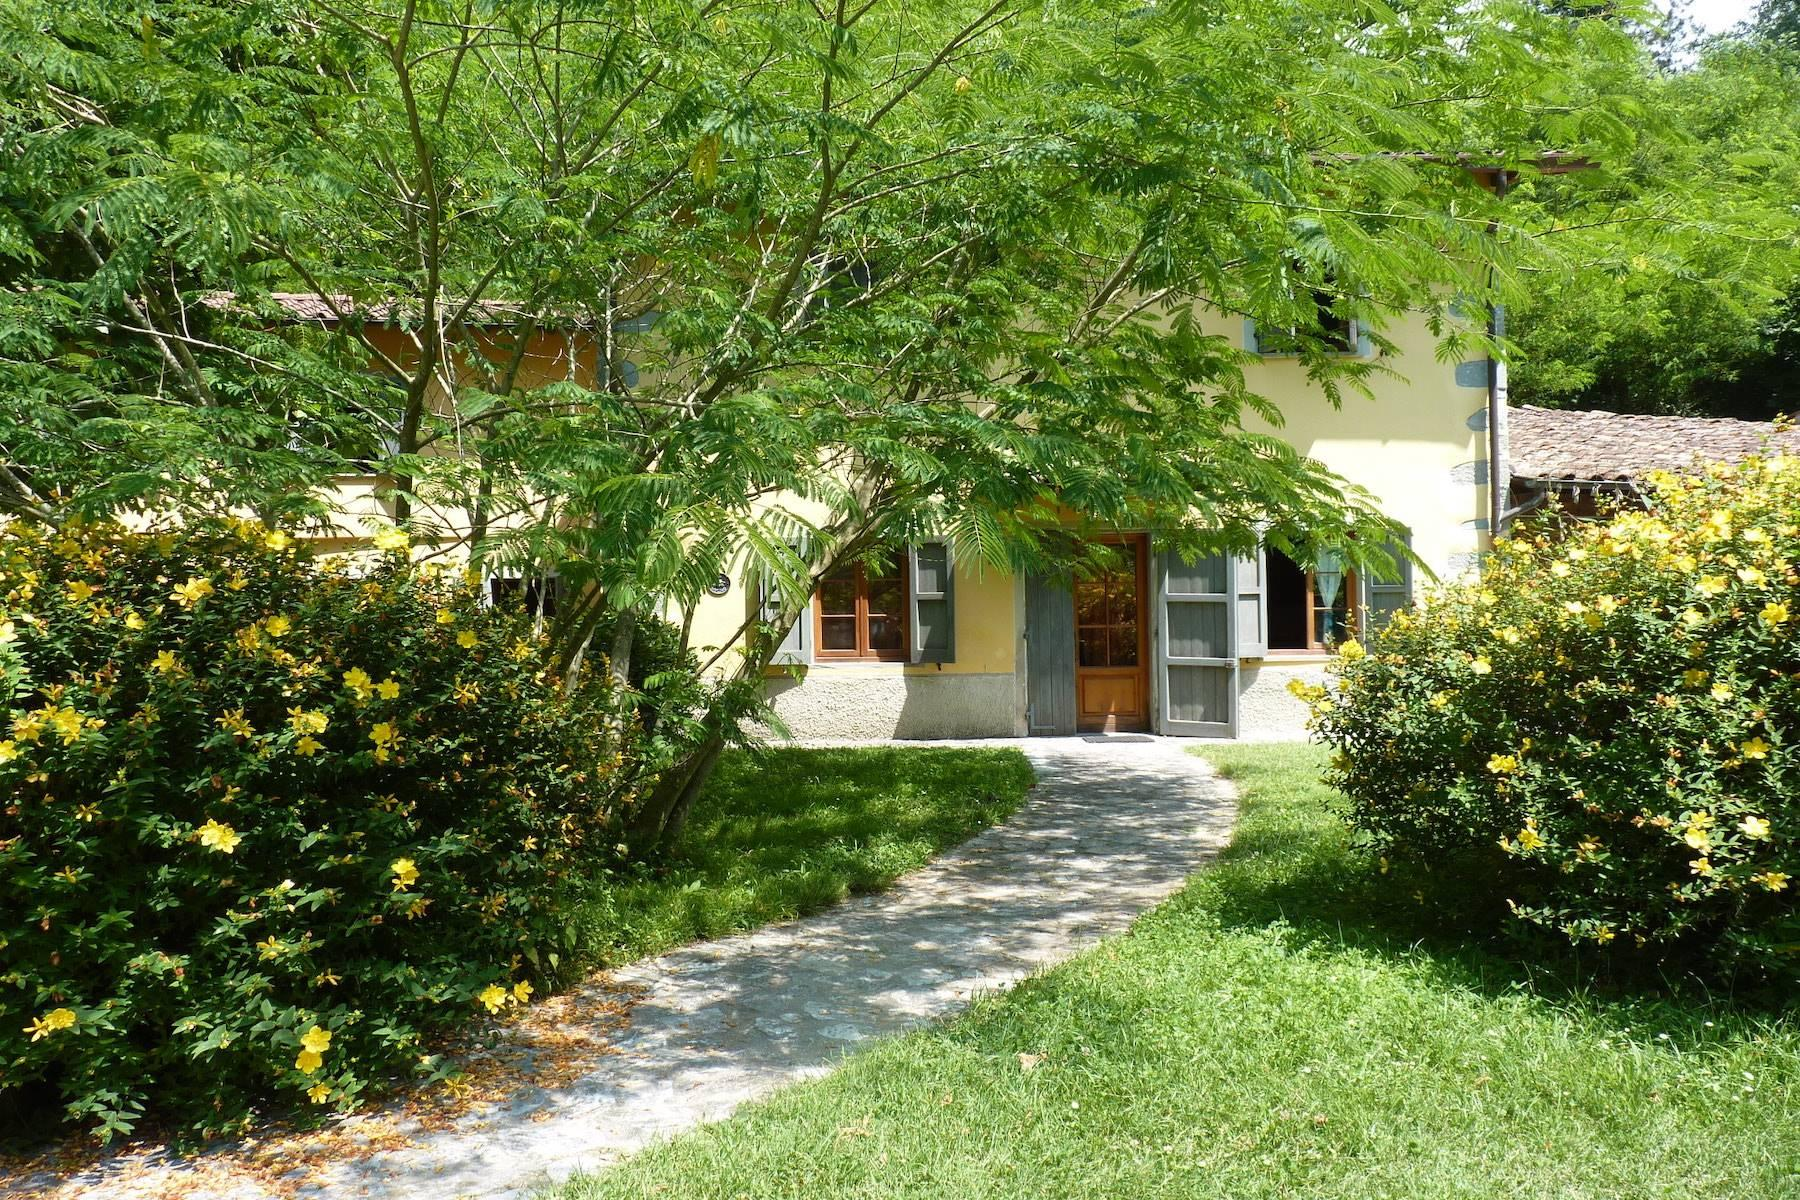 Maison de campagne enchantée sur les collines autour de Lucca - 24